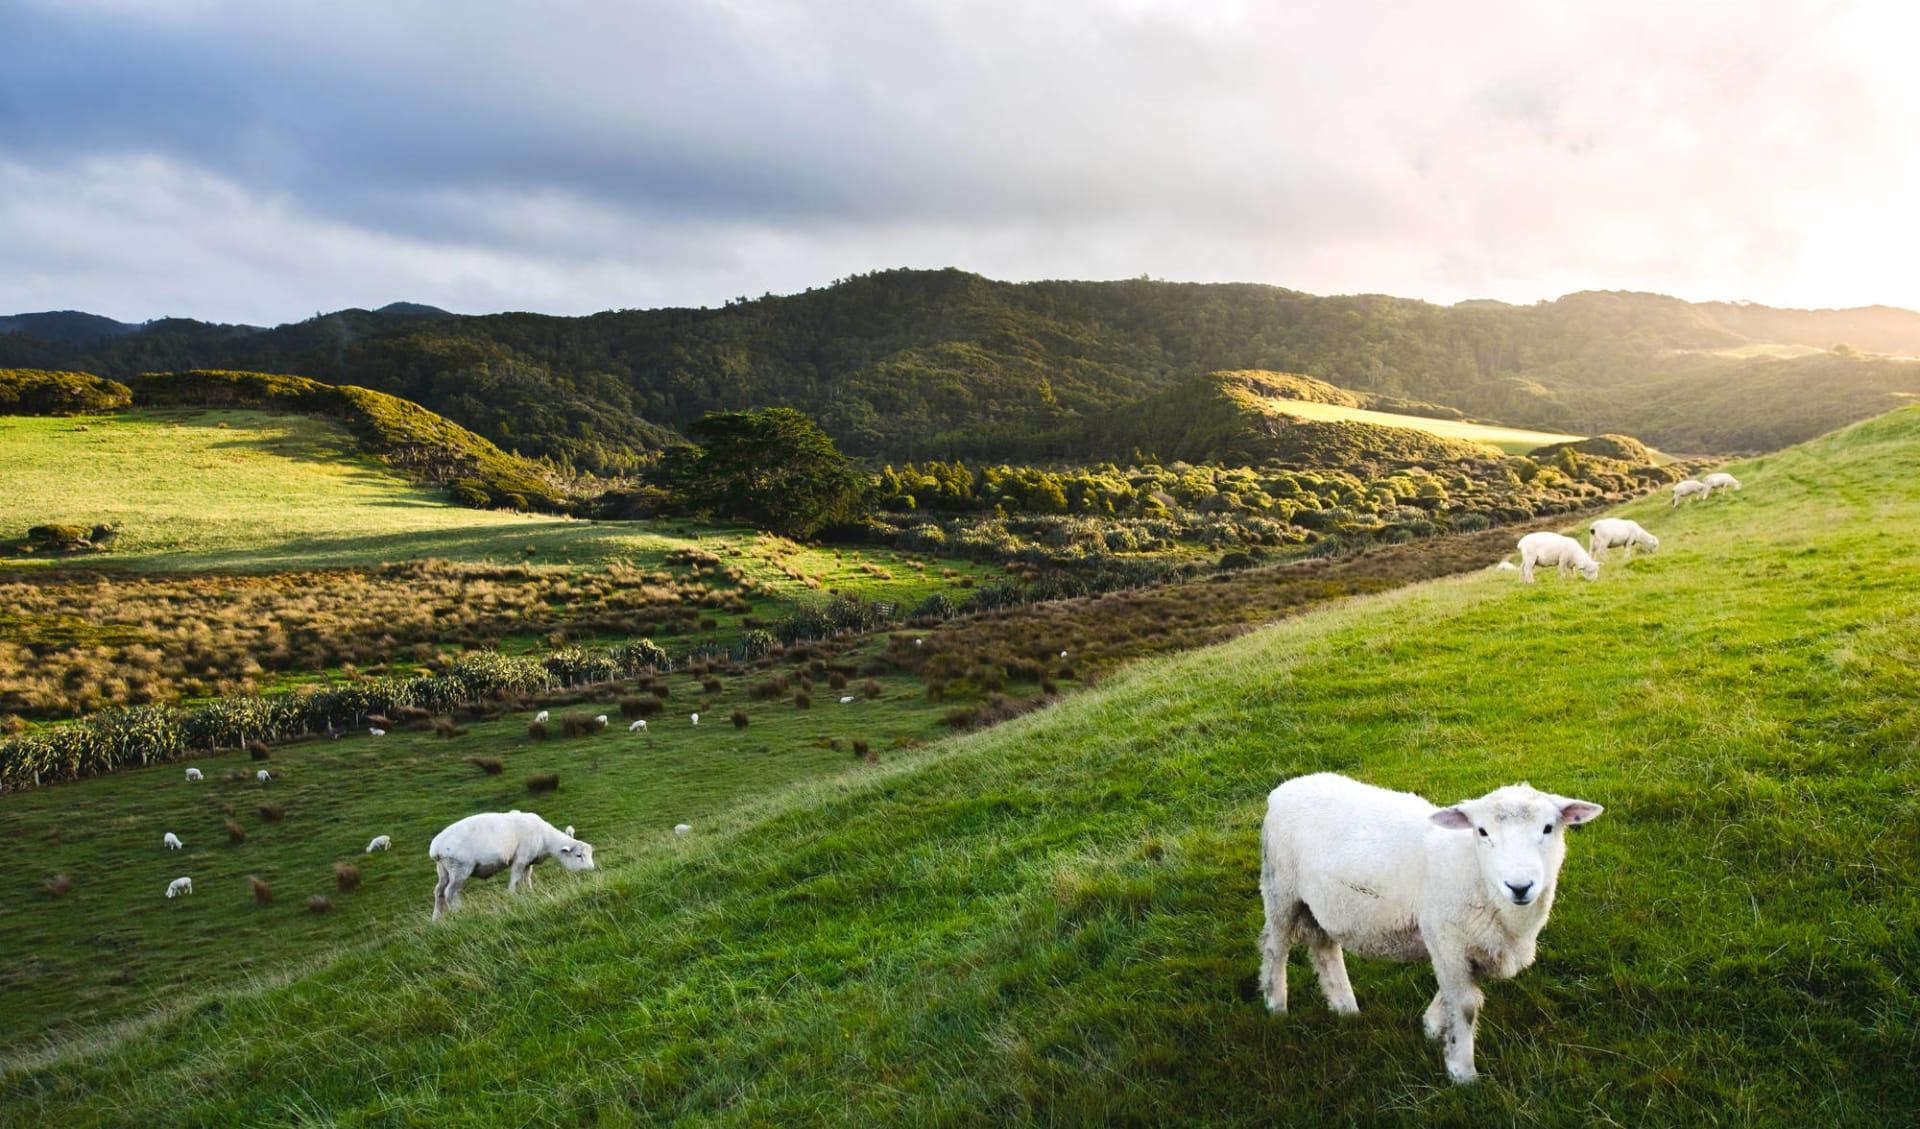 Spektakuläres Neuseeland (AAT Kings) ab Auckland: Neuseeland - Alpen und Gletscher - Alpen Panorama mit Schaafherde - Shutterstock Leelakajonkij